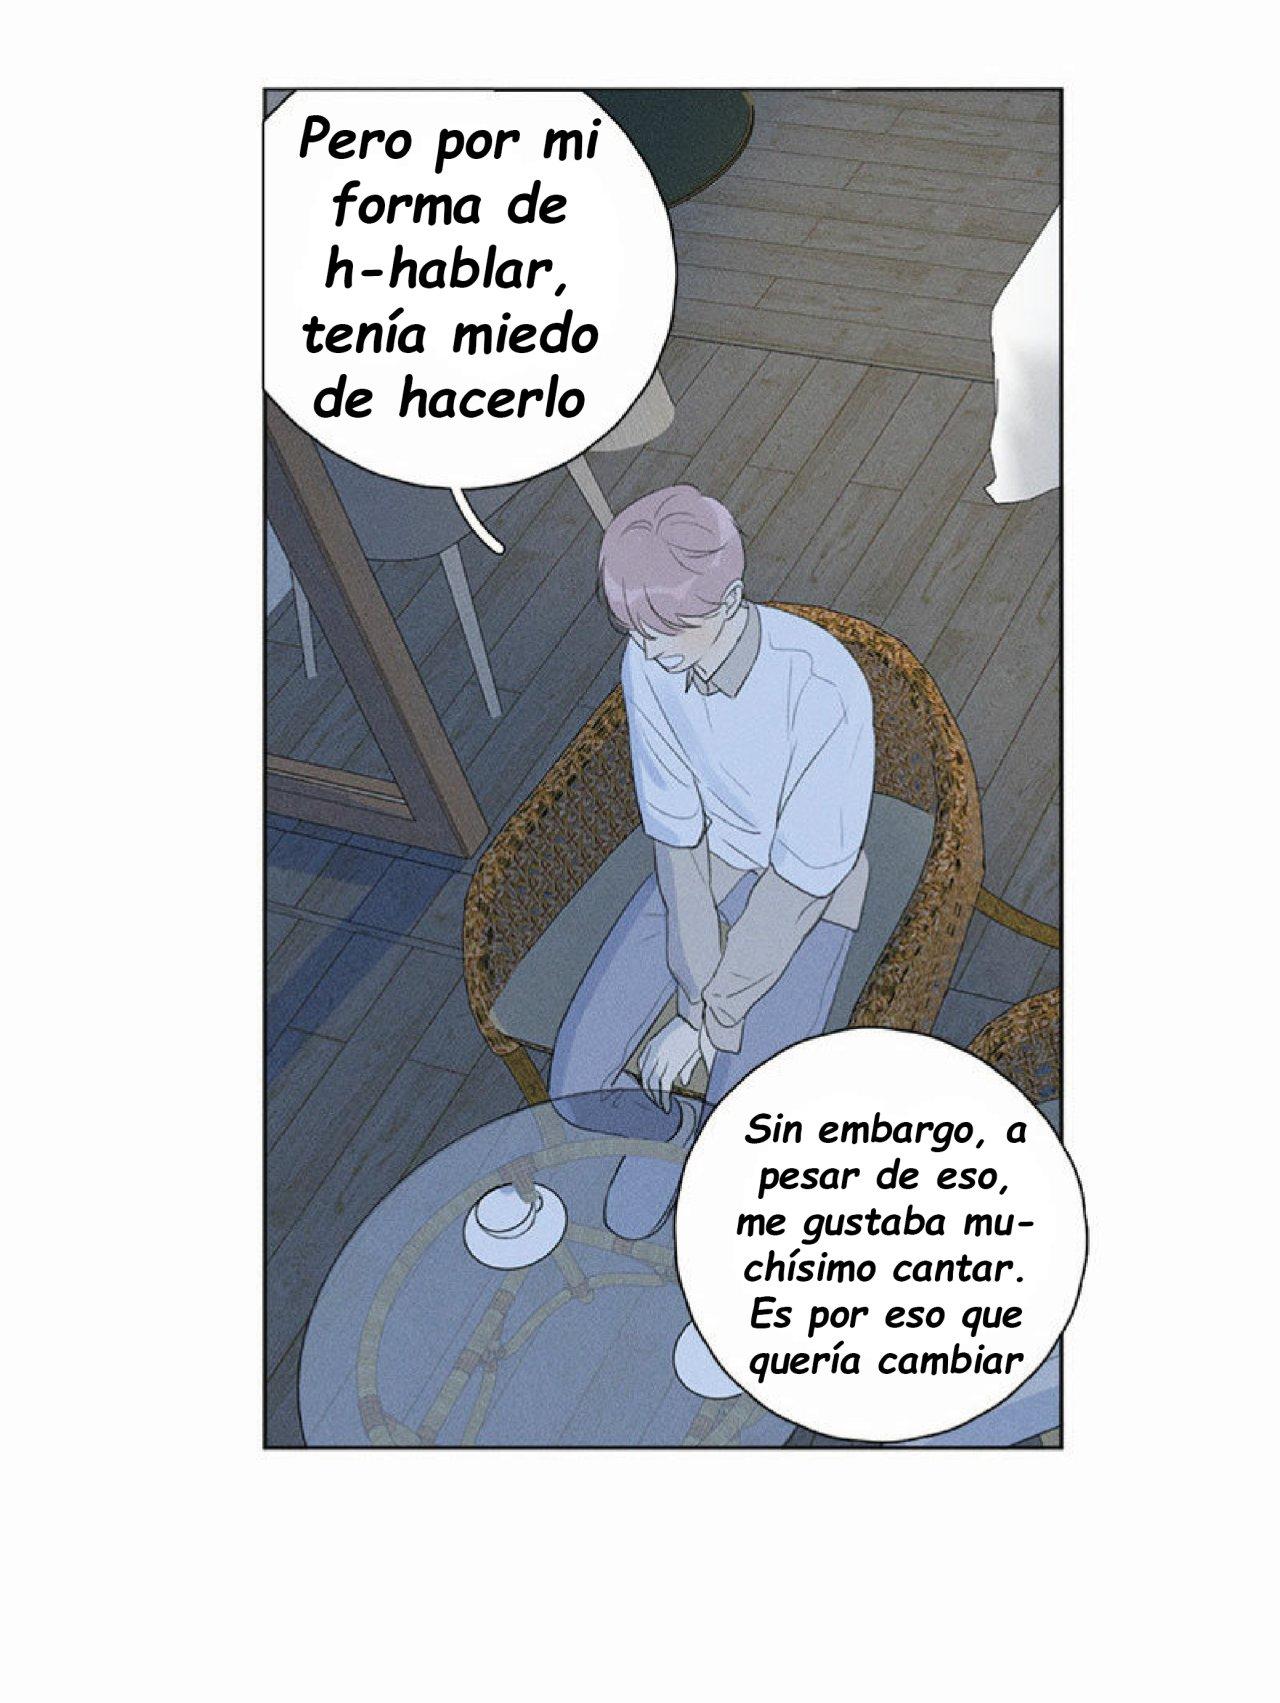 https://nine.mangadogs.com/es_manga/pic8/29/24925/957375/99932f26d3cd5ee34eea395bef353677.jpg Page 28